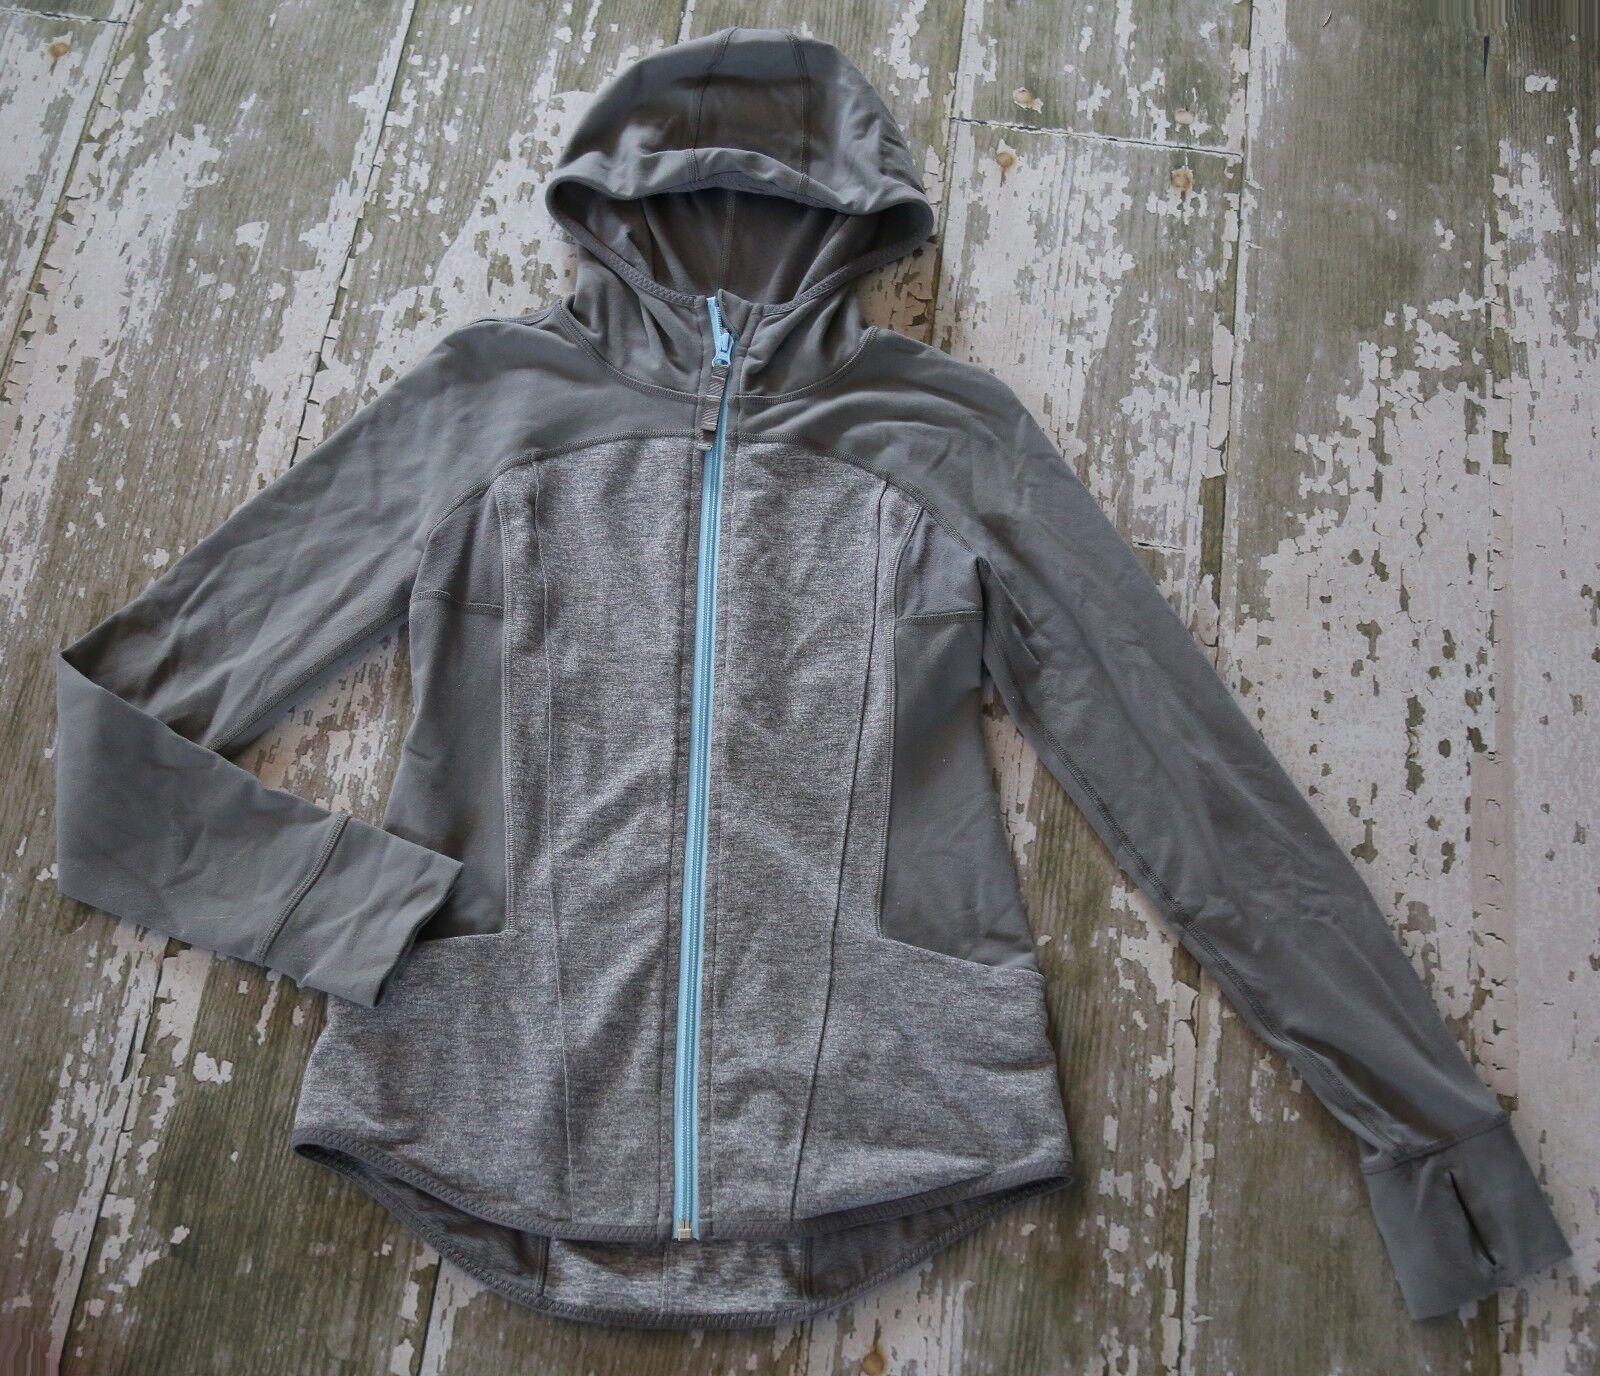 IVIVVA Hosszú ujjú READY to PERFORM kabát pulóver szürke kapucnis lyukak 14